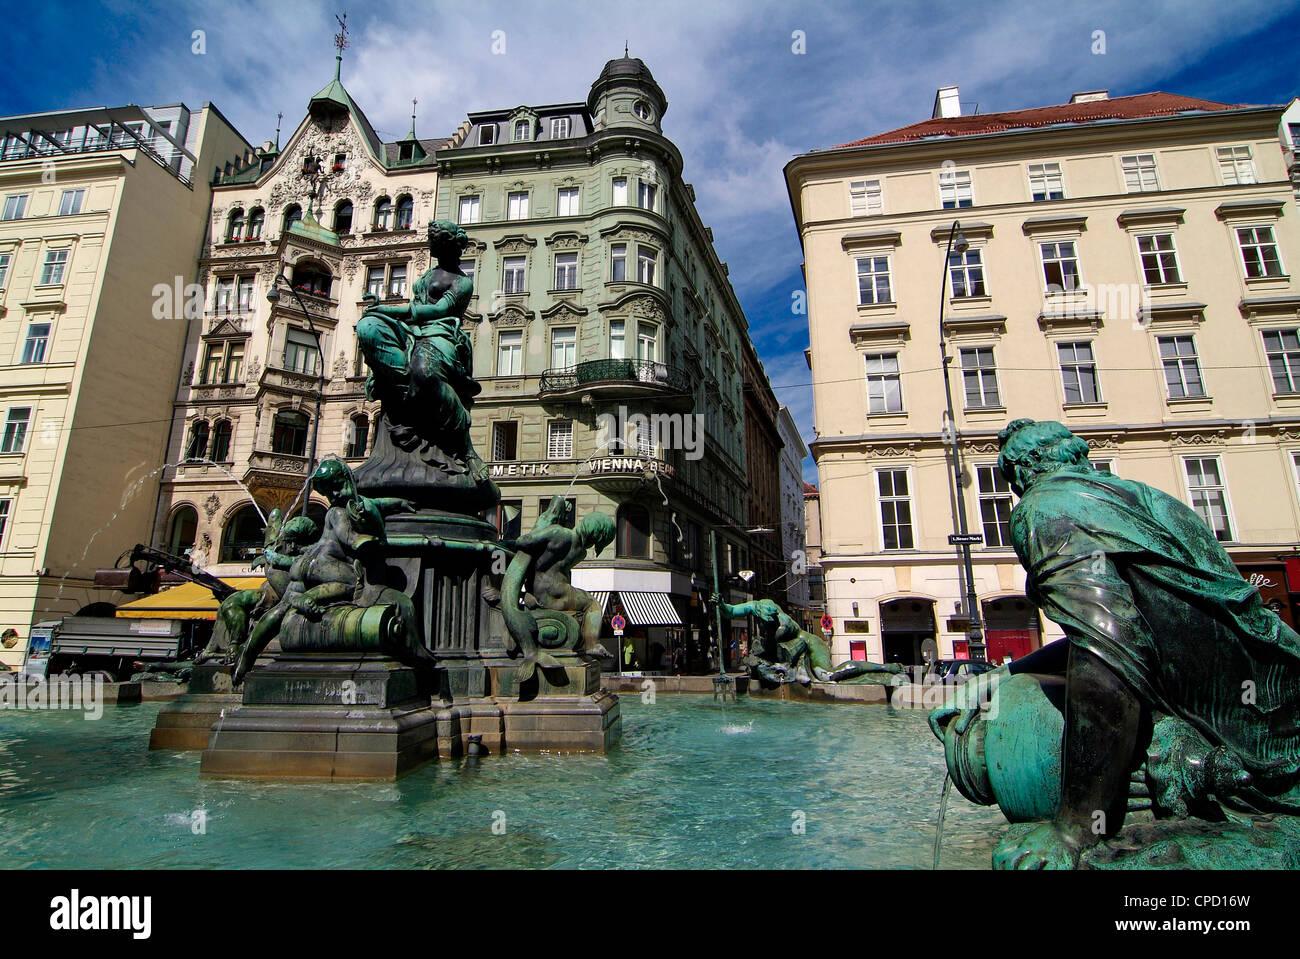 Neuer Markt, Vienna, Austria, Europe - Stock Image